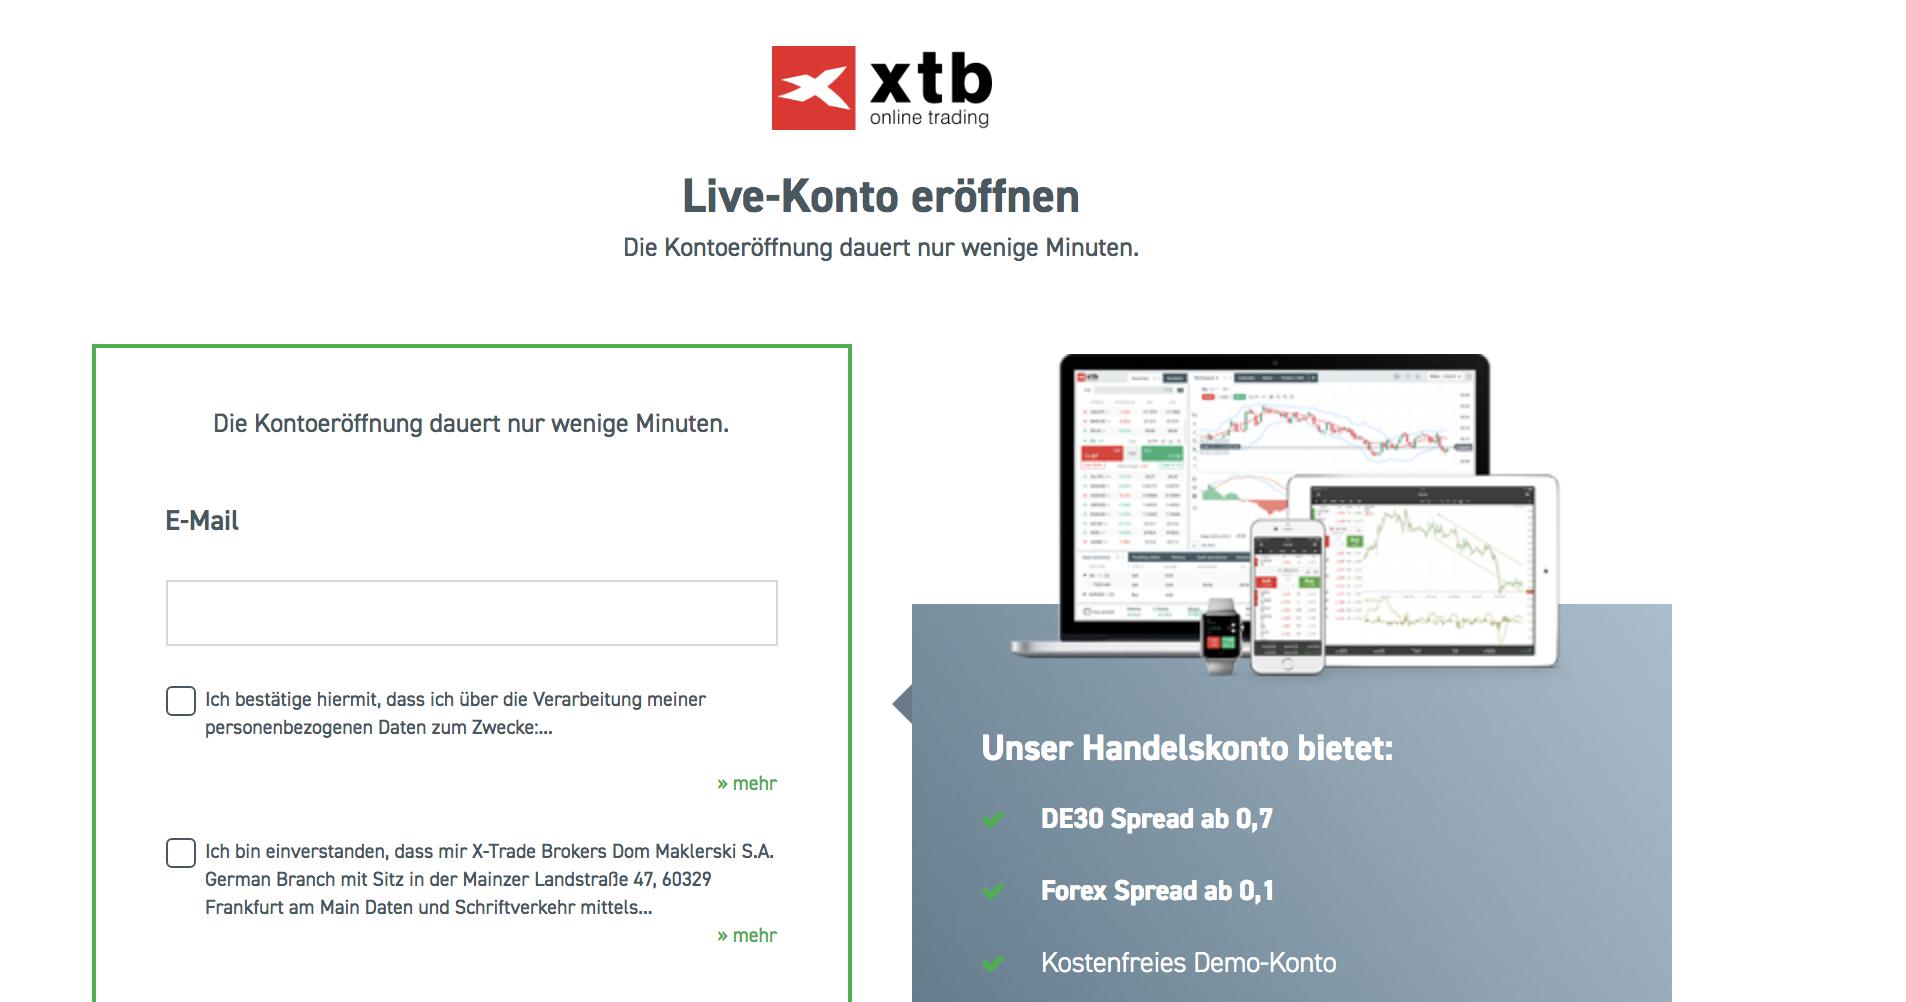 Um echte Aktien handeln zu können, benötigt man ein XTB Live-Konto